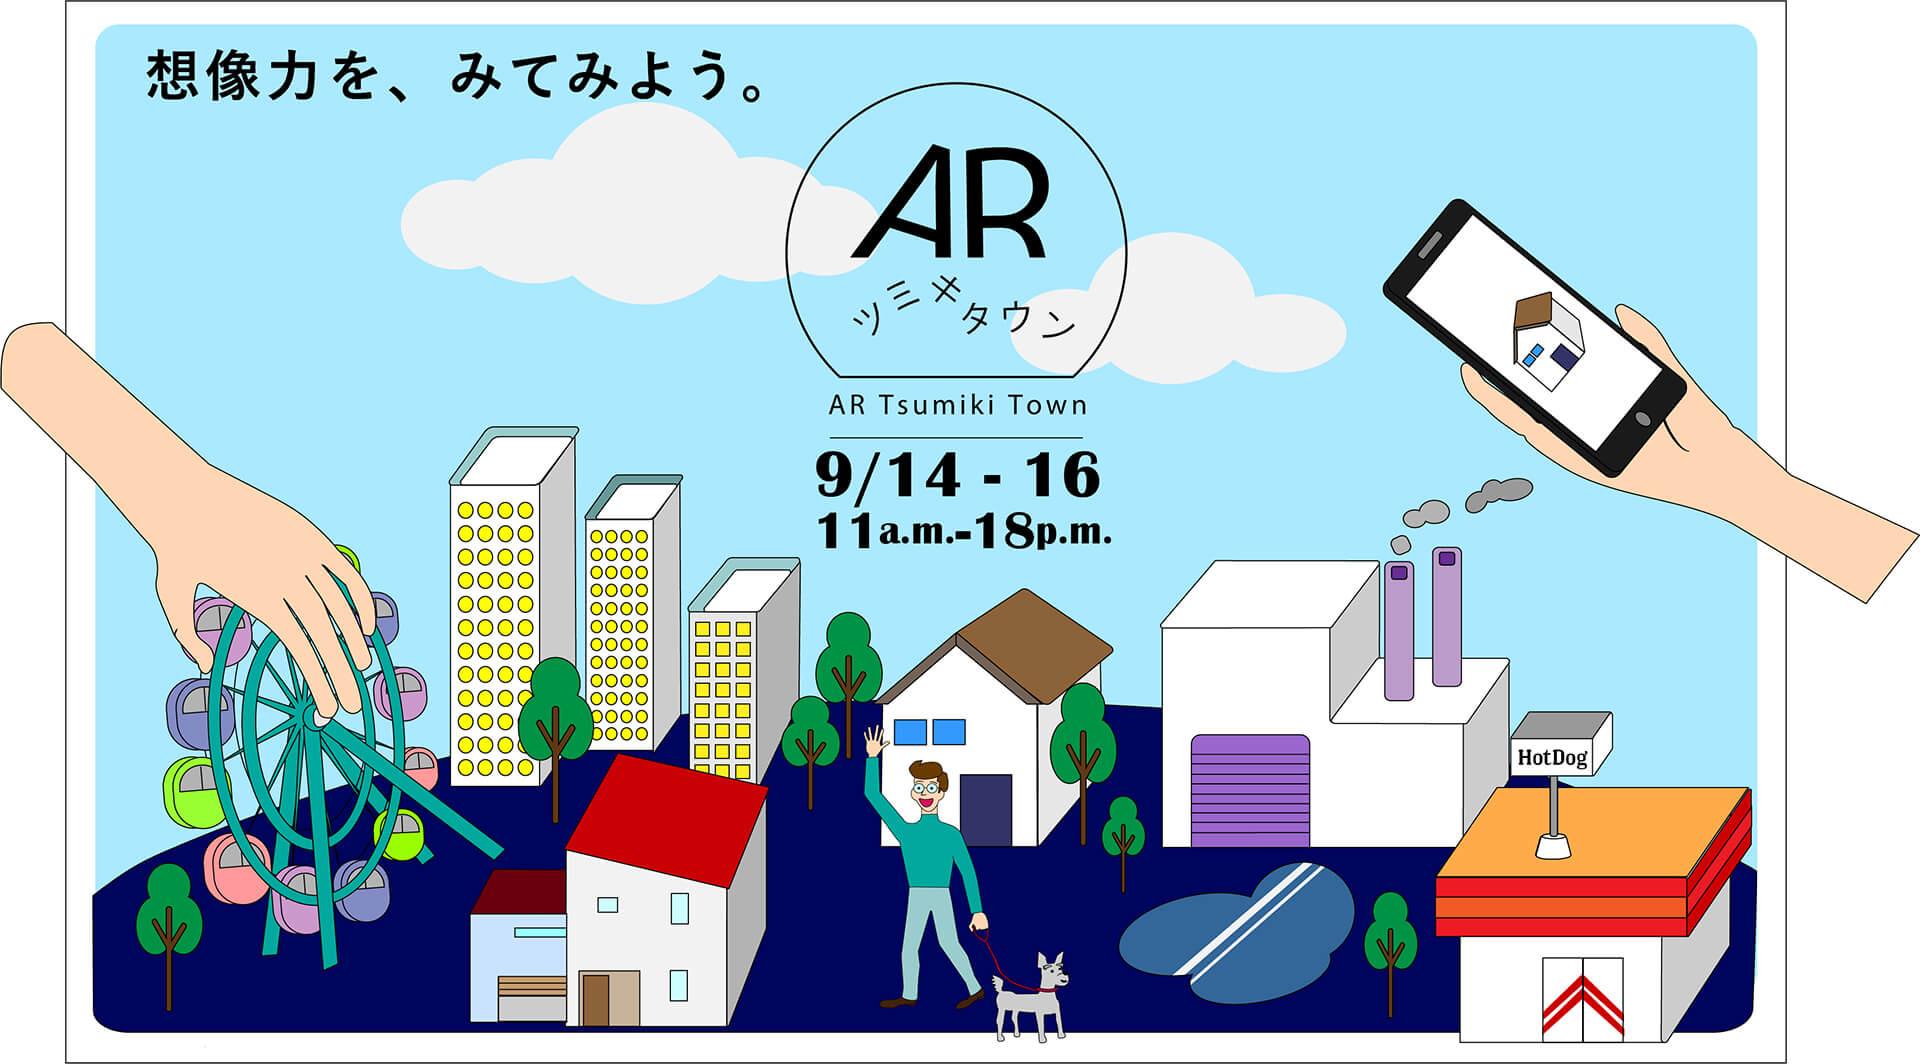 「AR積み木」体験イベントのメインビジュアル